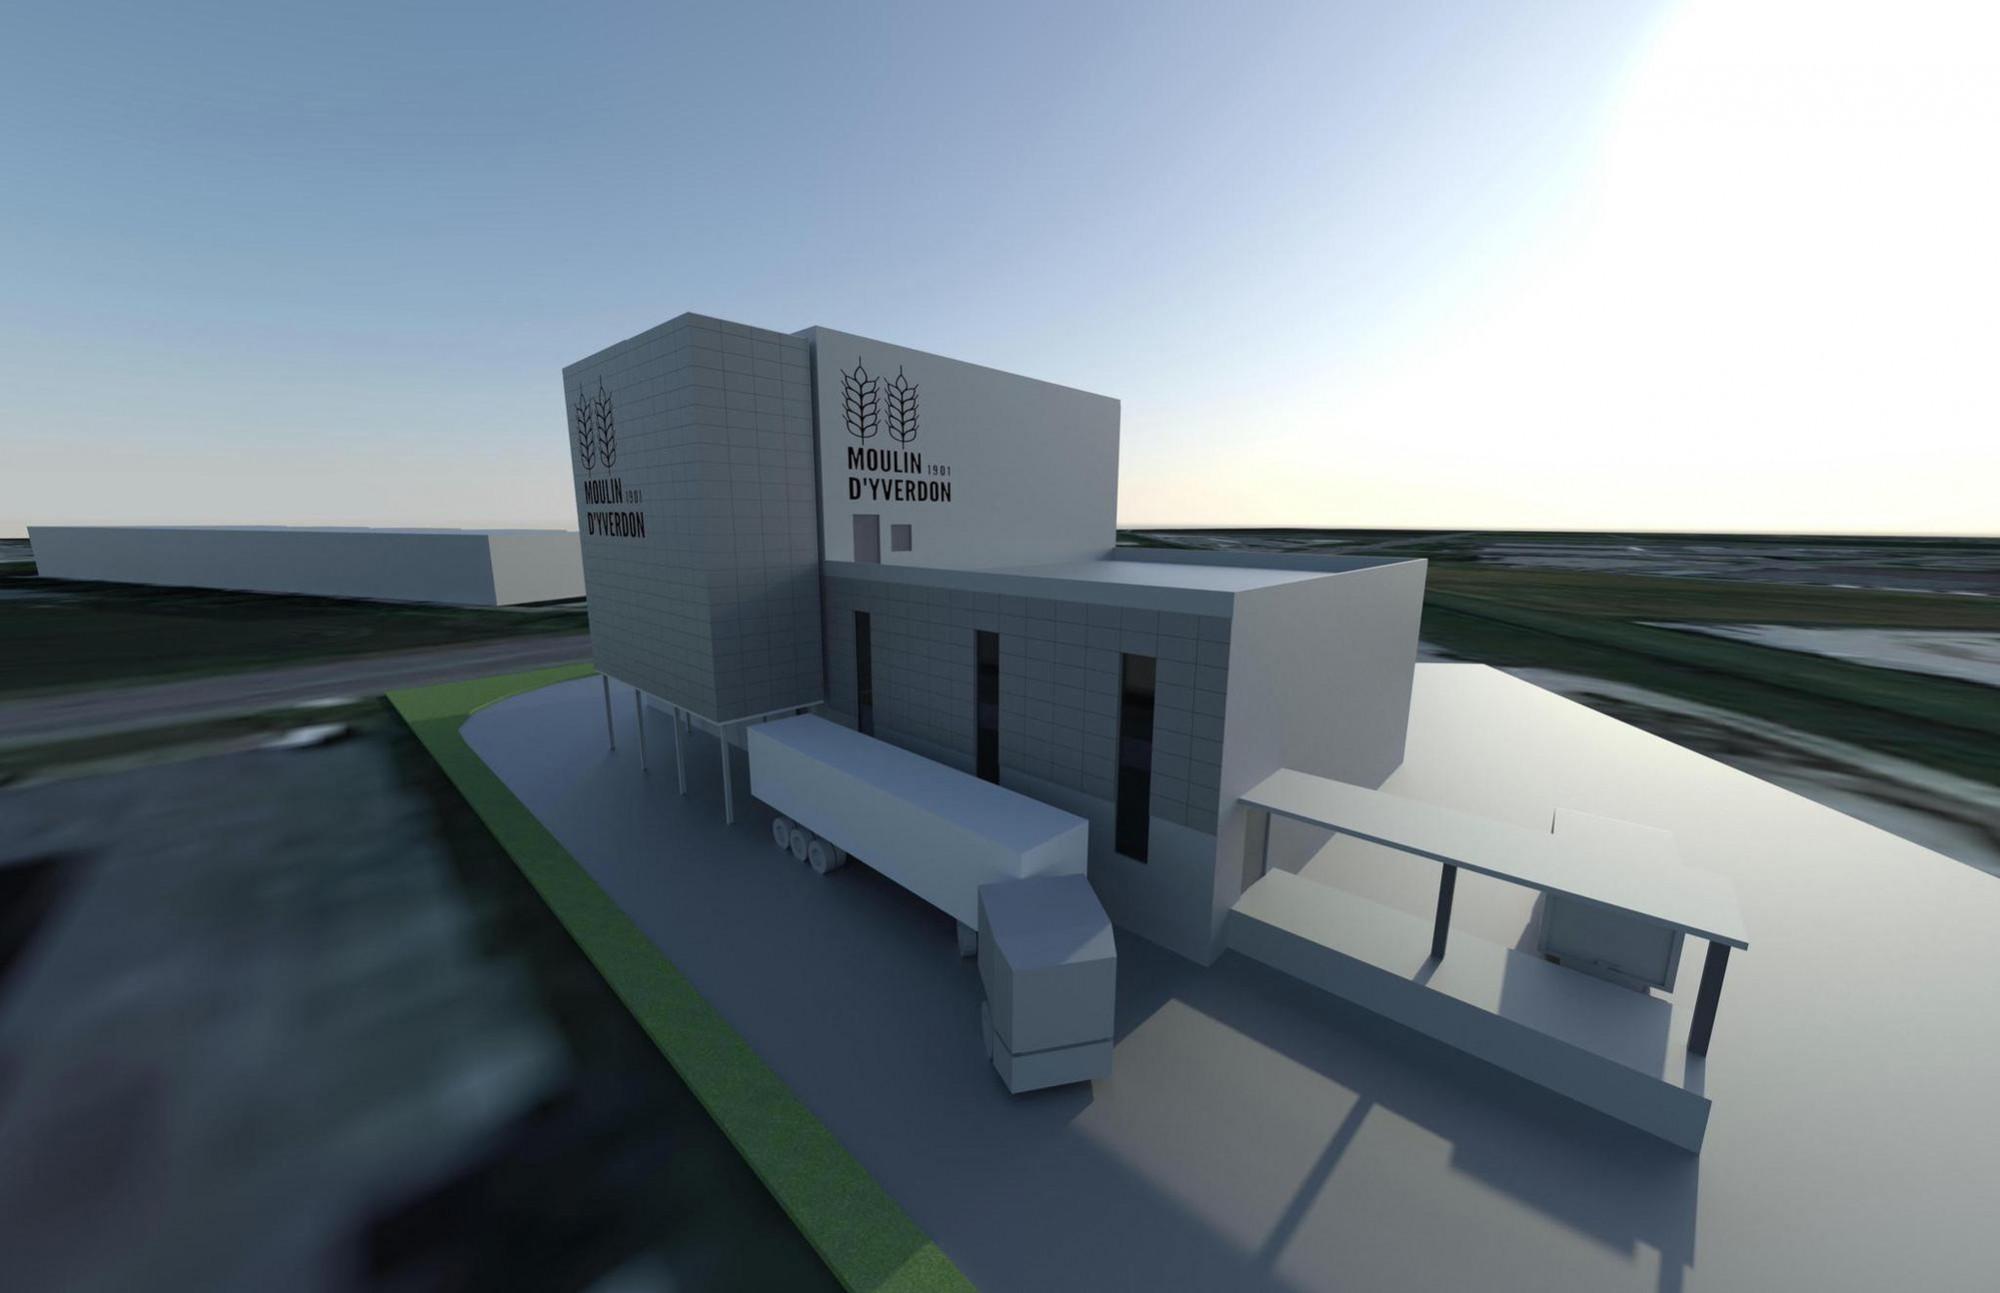 Les installations du prochain Moulin d'Yverdon occuperont une surface de 1000 m2. Elles seront composées d'une halle de production et d'une halle de stockage qui intègre le silo haut de 14 m.